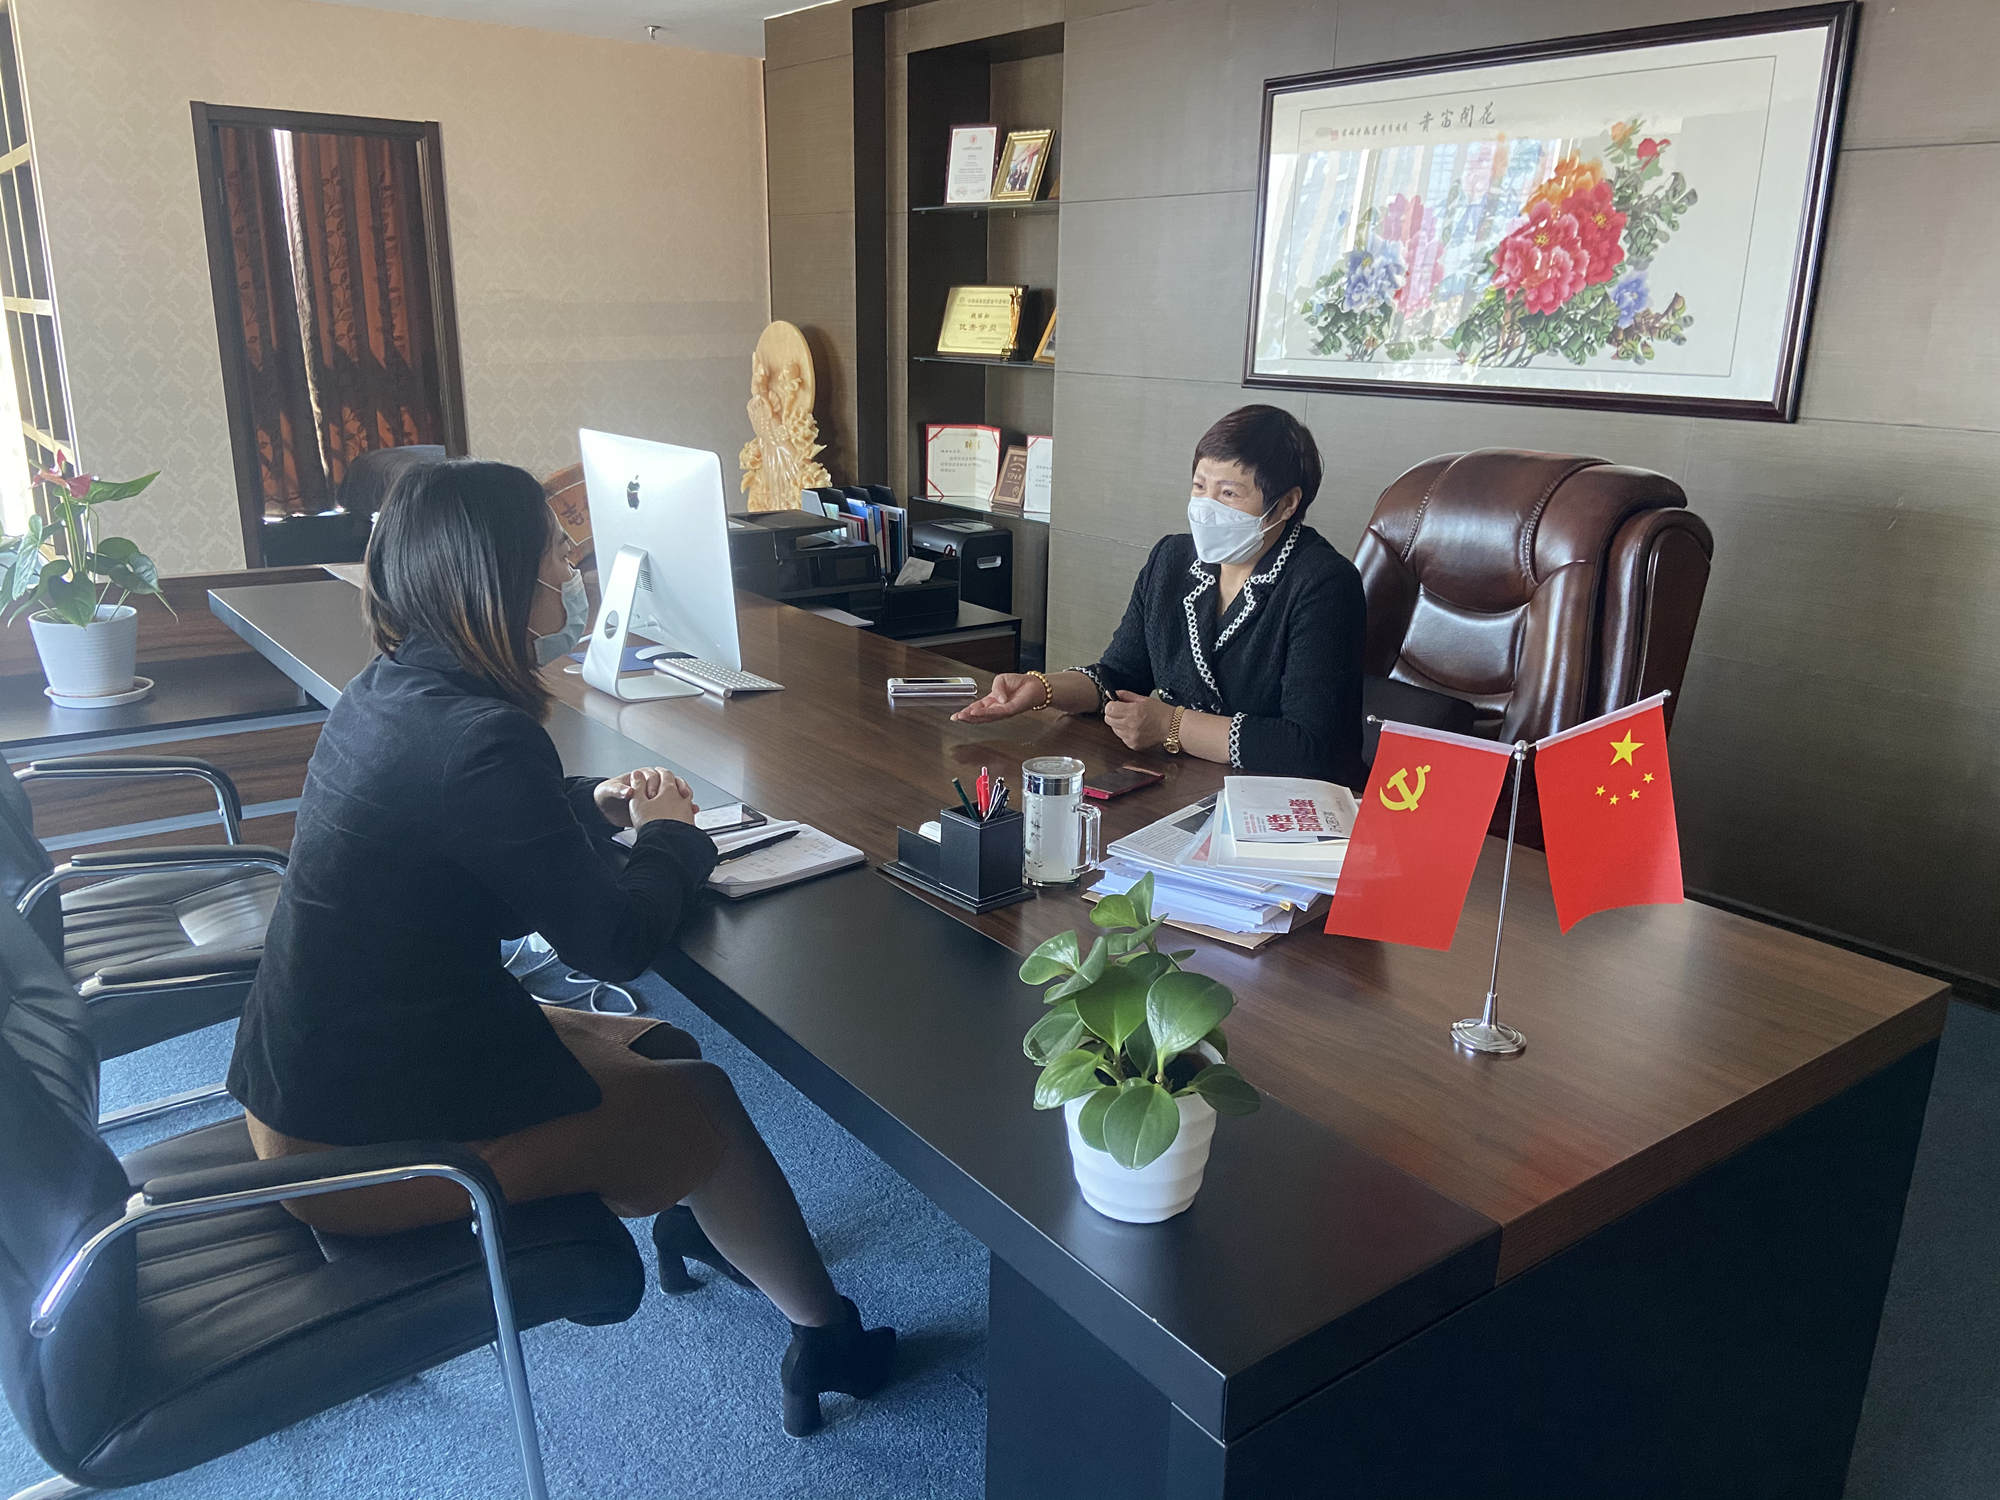 北京常氏鴻圖集團企業新聞——集團董事長魏麗虹與企業高管就2020年集團發展方向進行會議商討